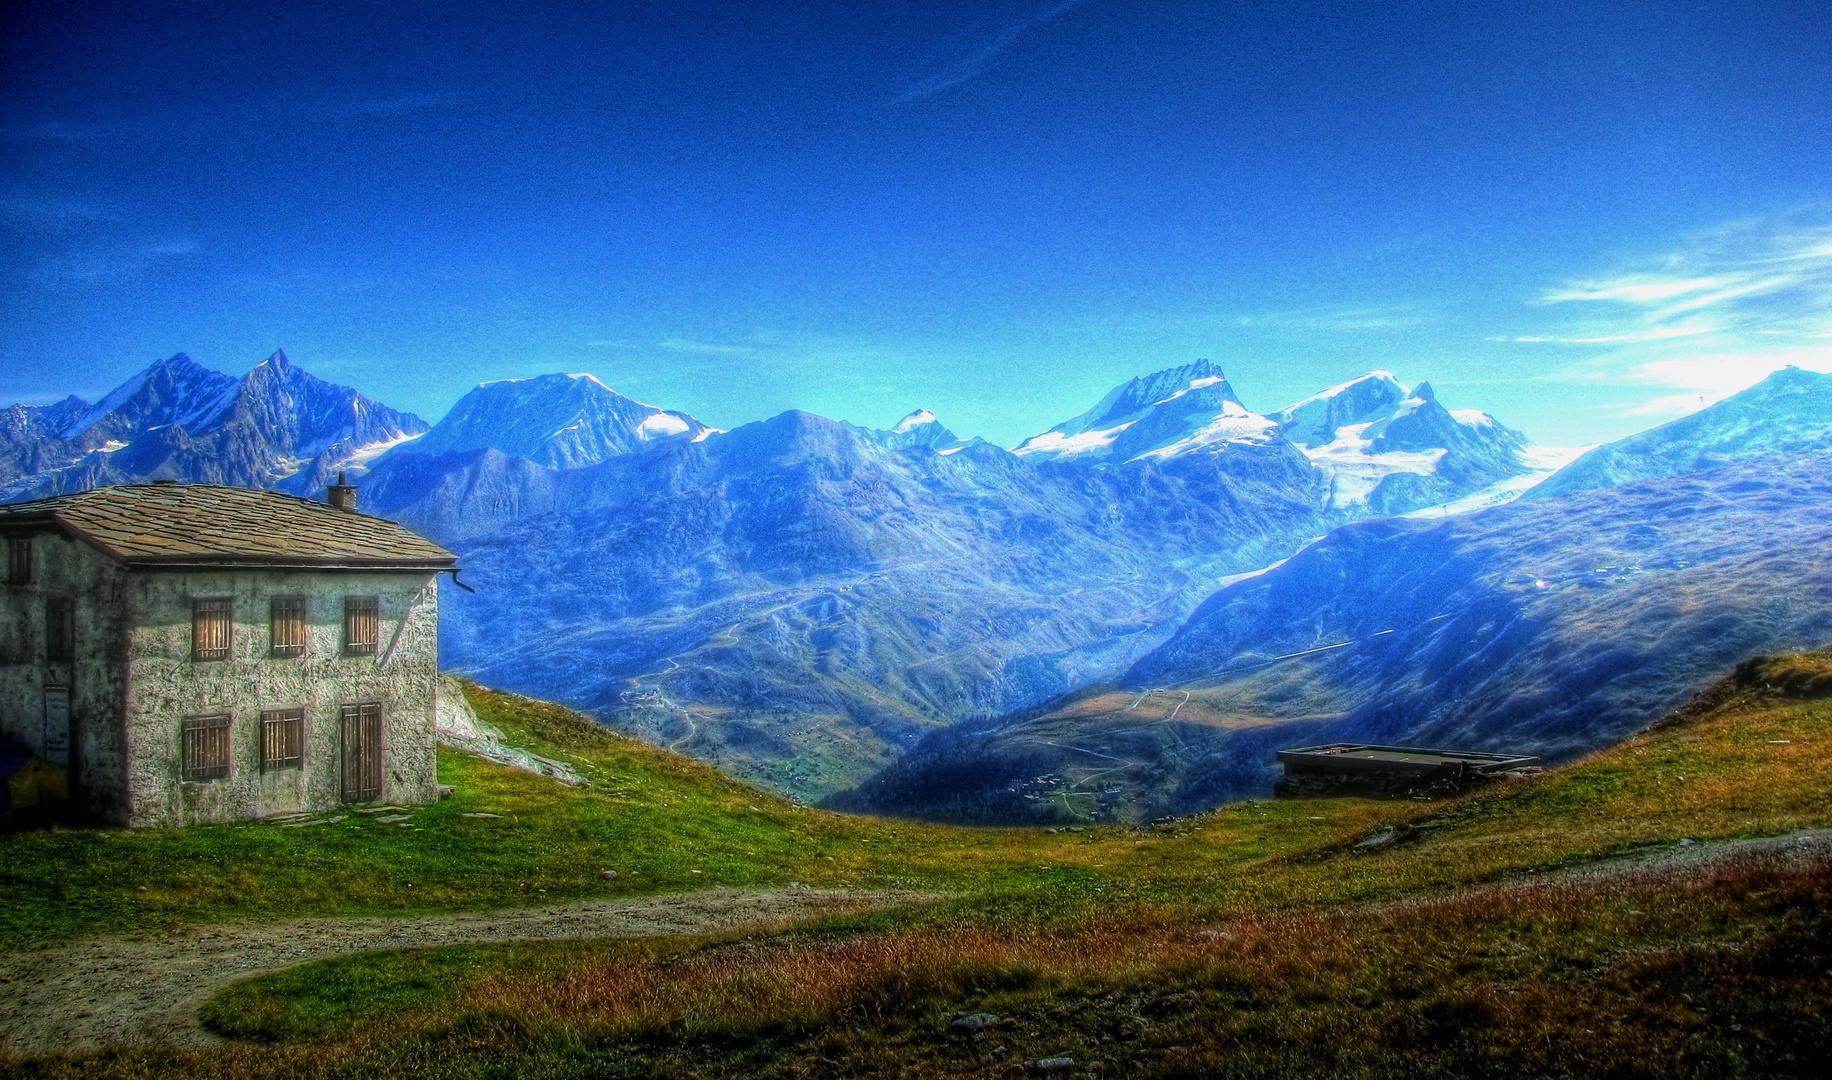 gegenüber dem Matterhorn